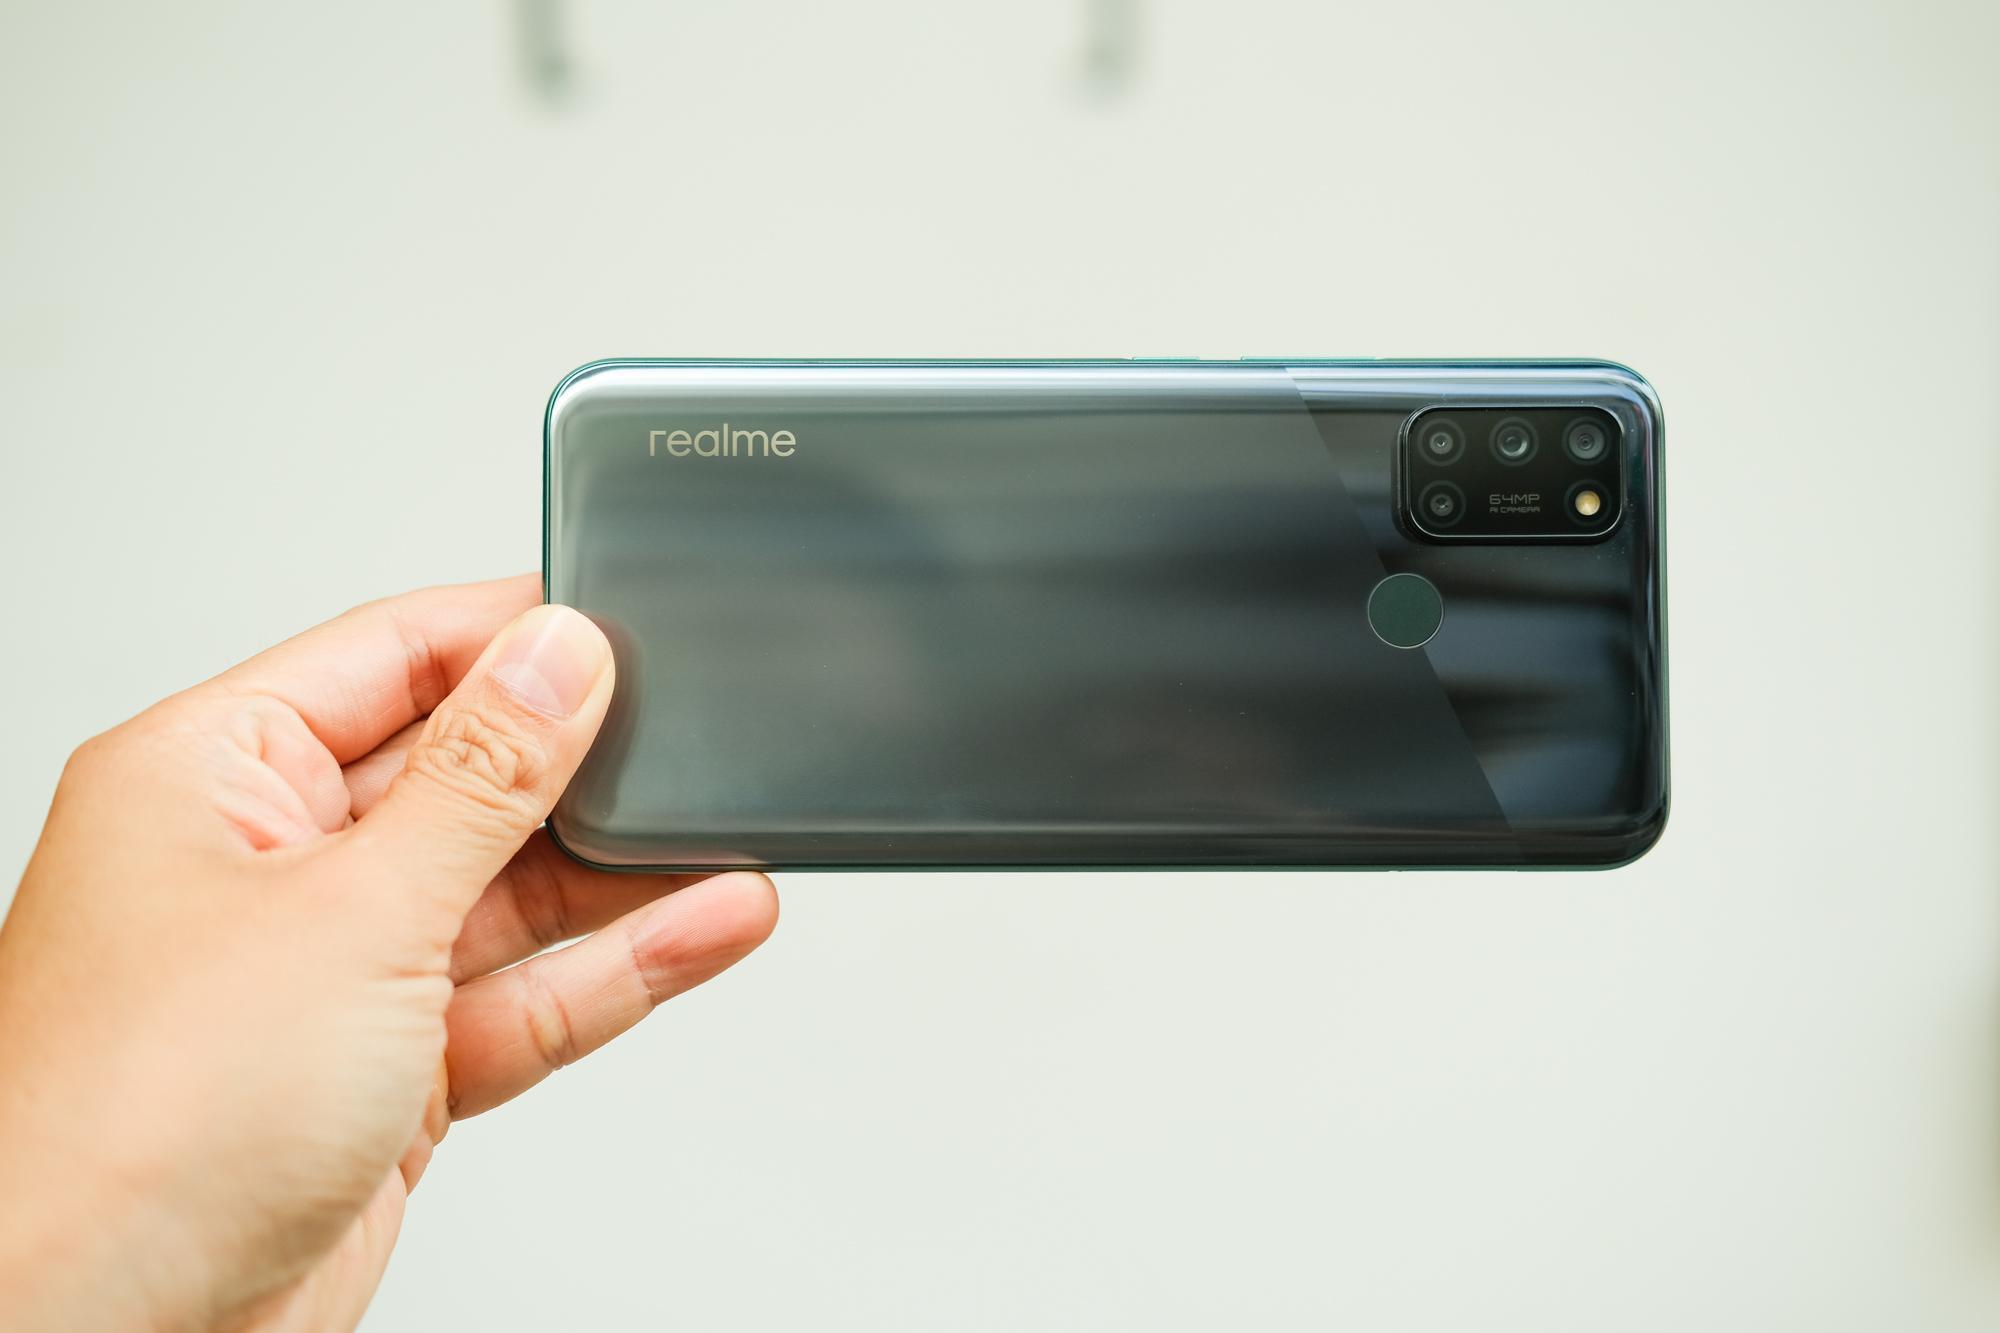 realme 7i: Bộ 4 camera 64MP AI sắc nét, pin trâu, sạc nhanh, dung lượng lưu trữ lớn - Ảnh 2.